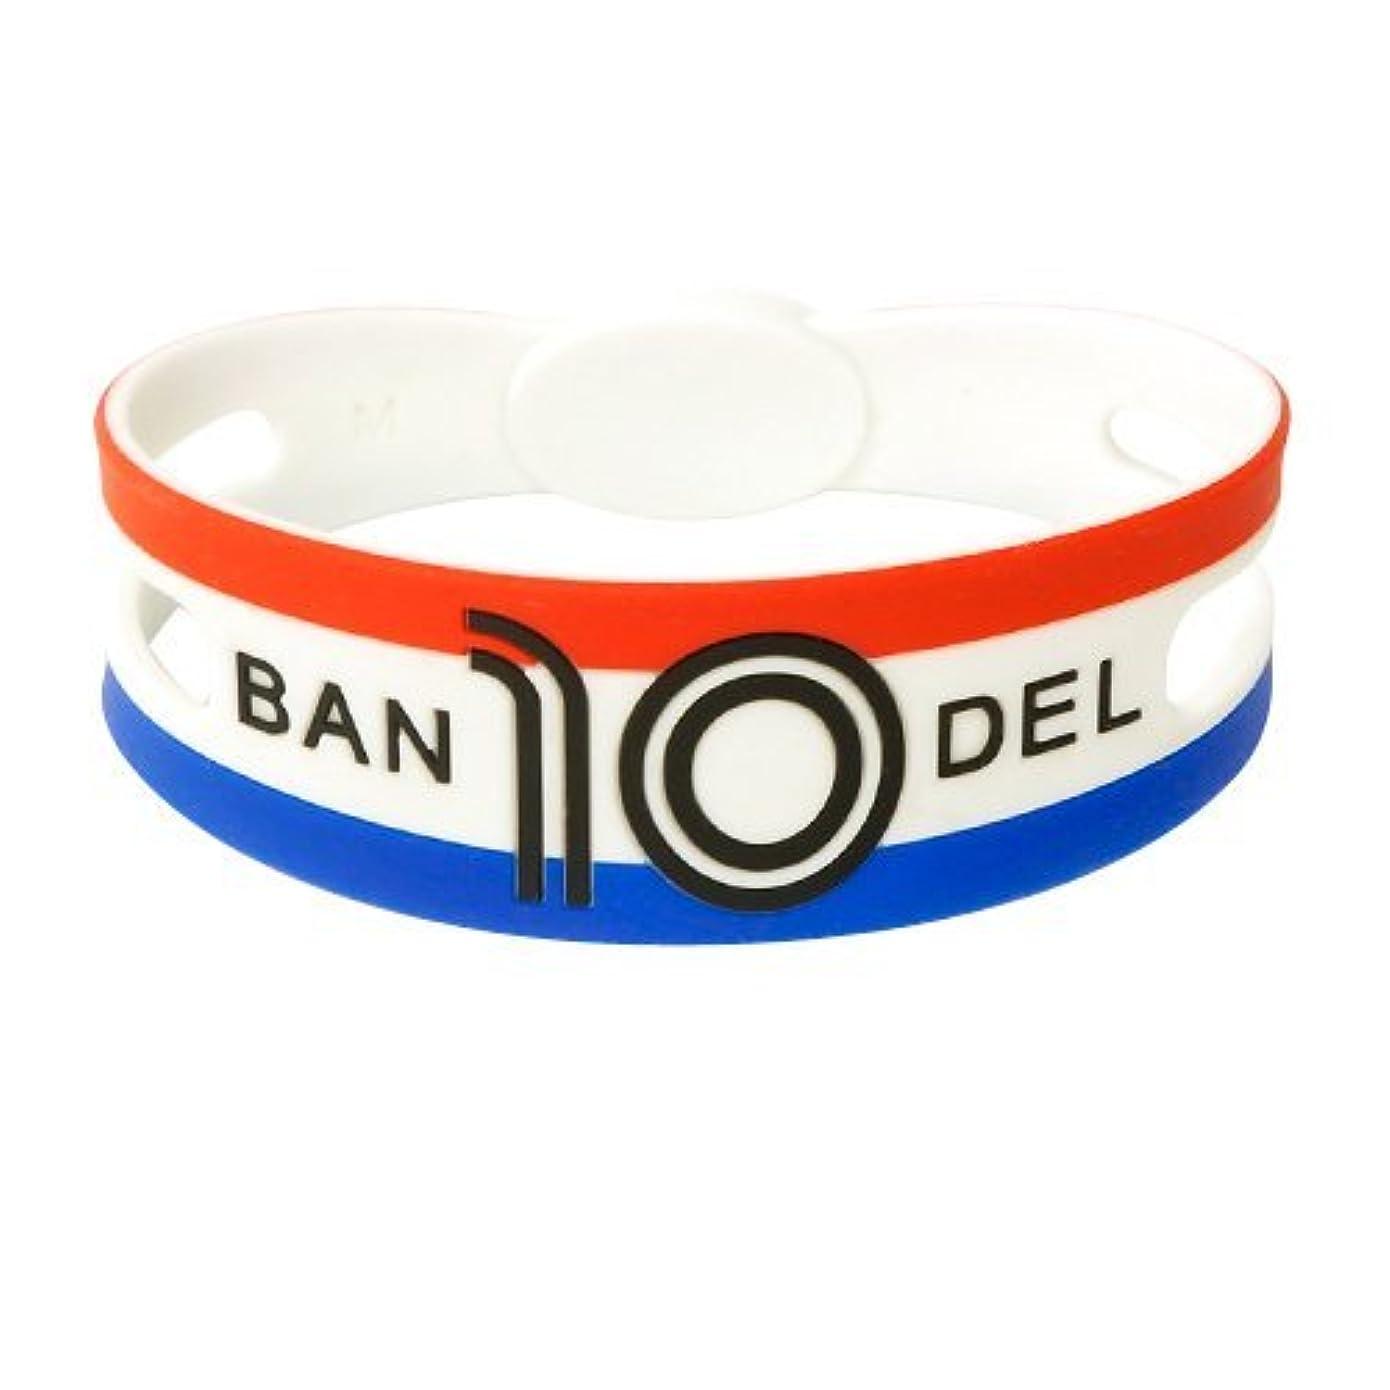 霧深いオール誘導バンデル(BANDEL) シリコン ブレスレット サッカー フランス代表カラー(レッド×ホワイト×ブルー) Lサイズ